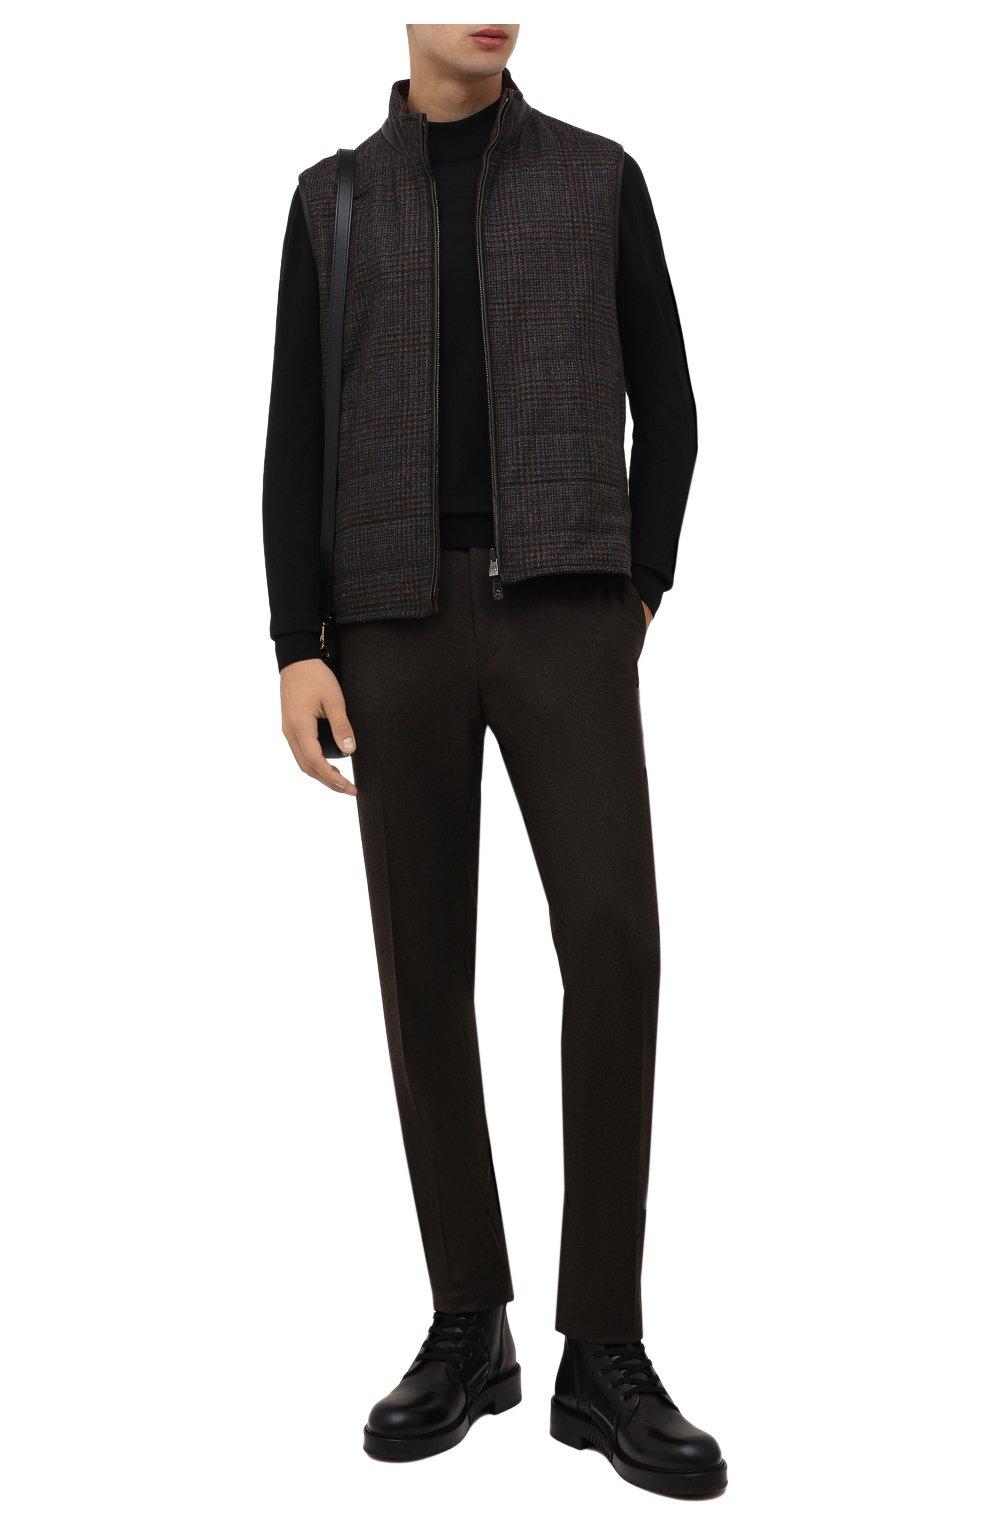 Мужские шерстяные брюки CORNELIANI коричневого цвета, арт. 885B01-1818111/02   Фото 2 (Материал внешний: Шерсть; Длина (брюки, джинсы): Стандартные; Случай: Формальный; Материал подклада: Вискоза; Стили: Кэжуэл)